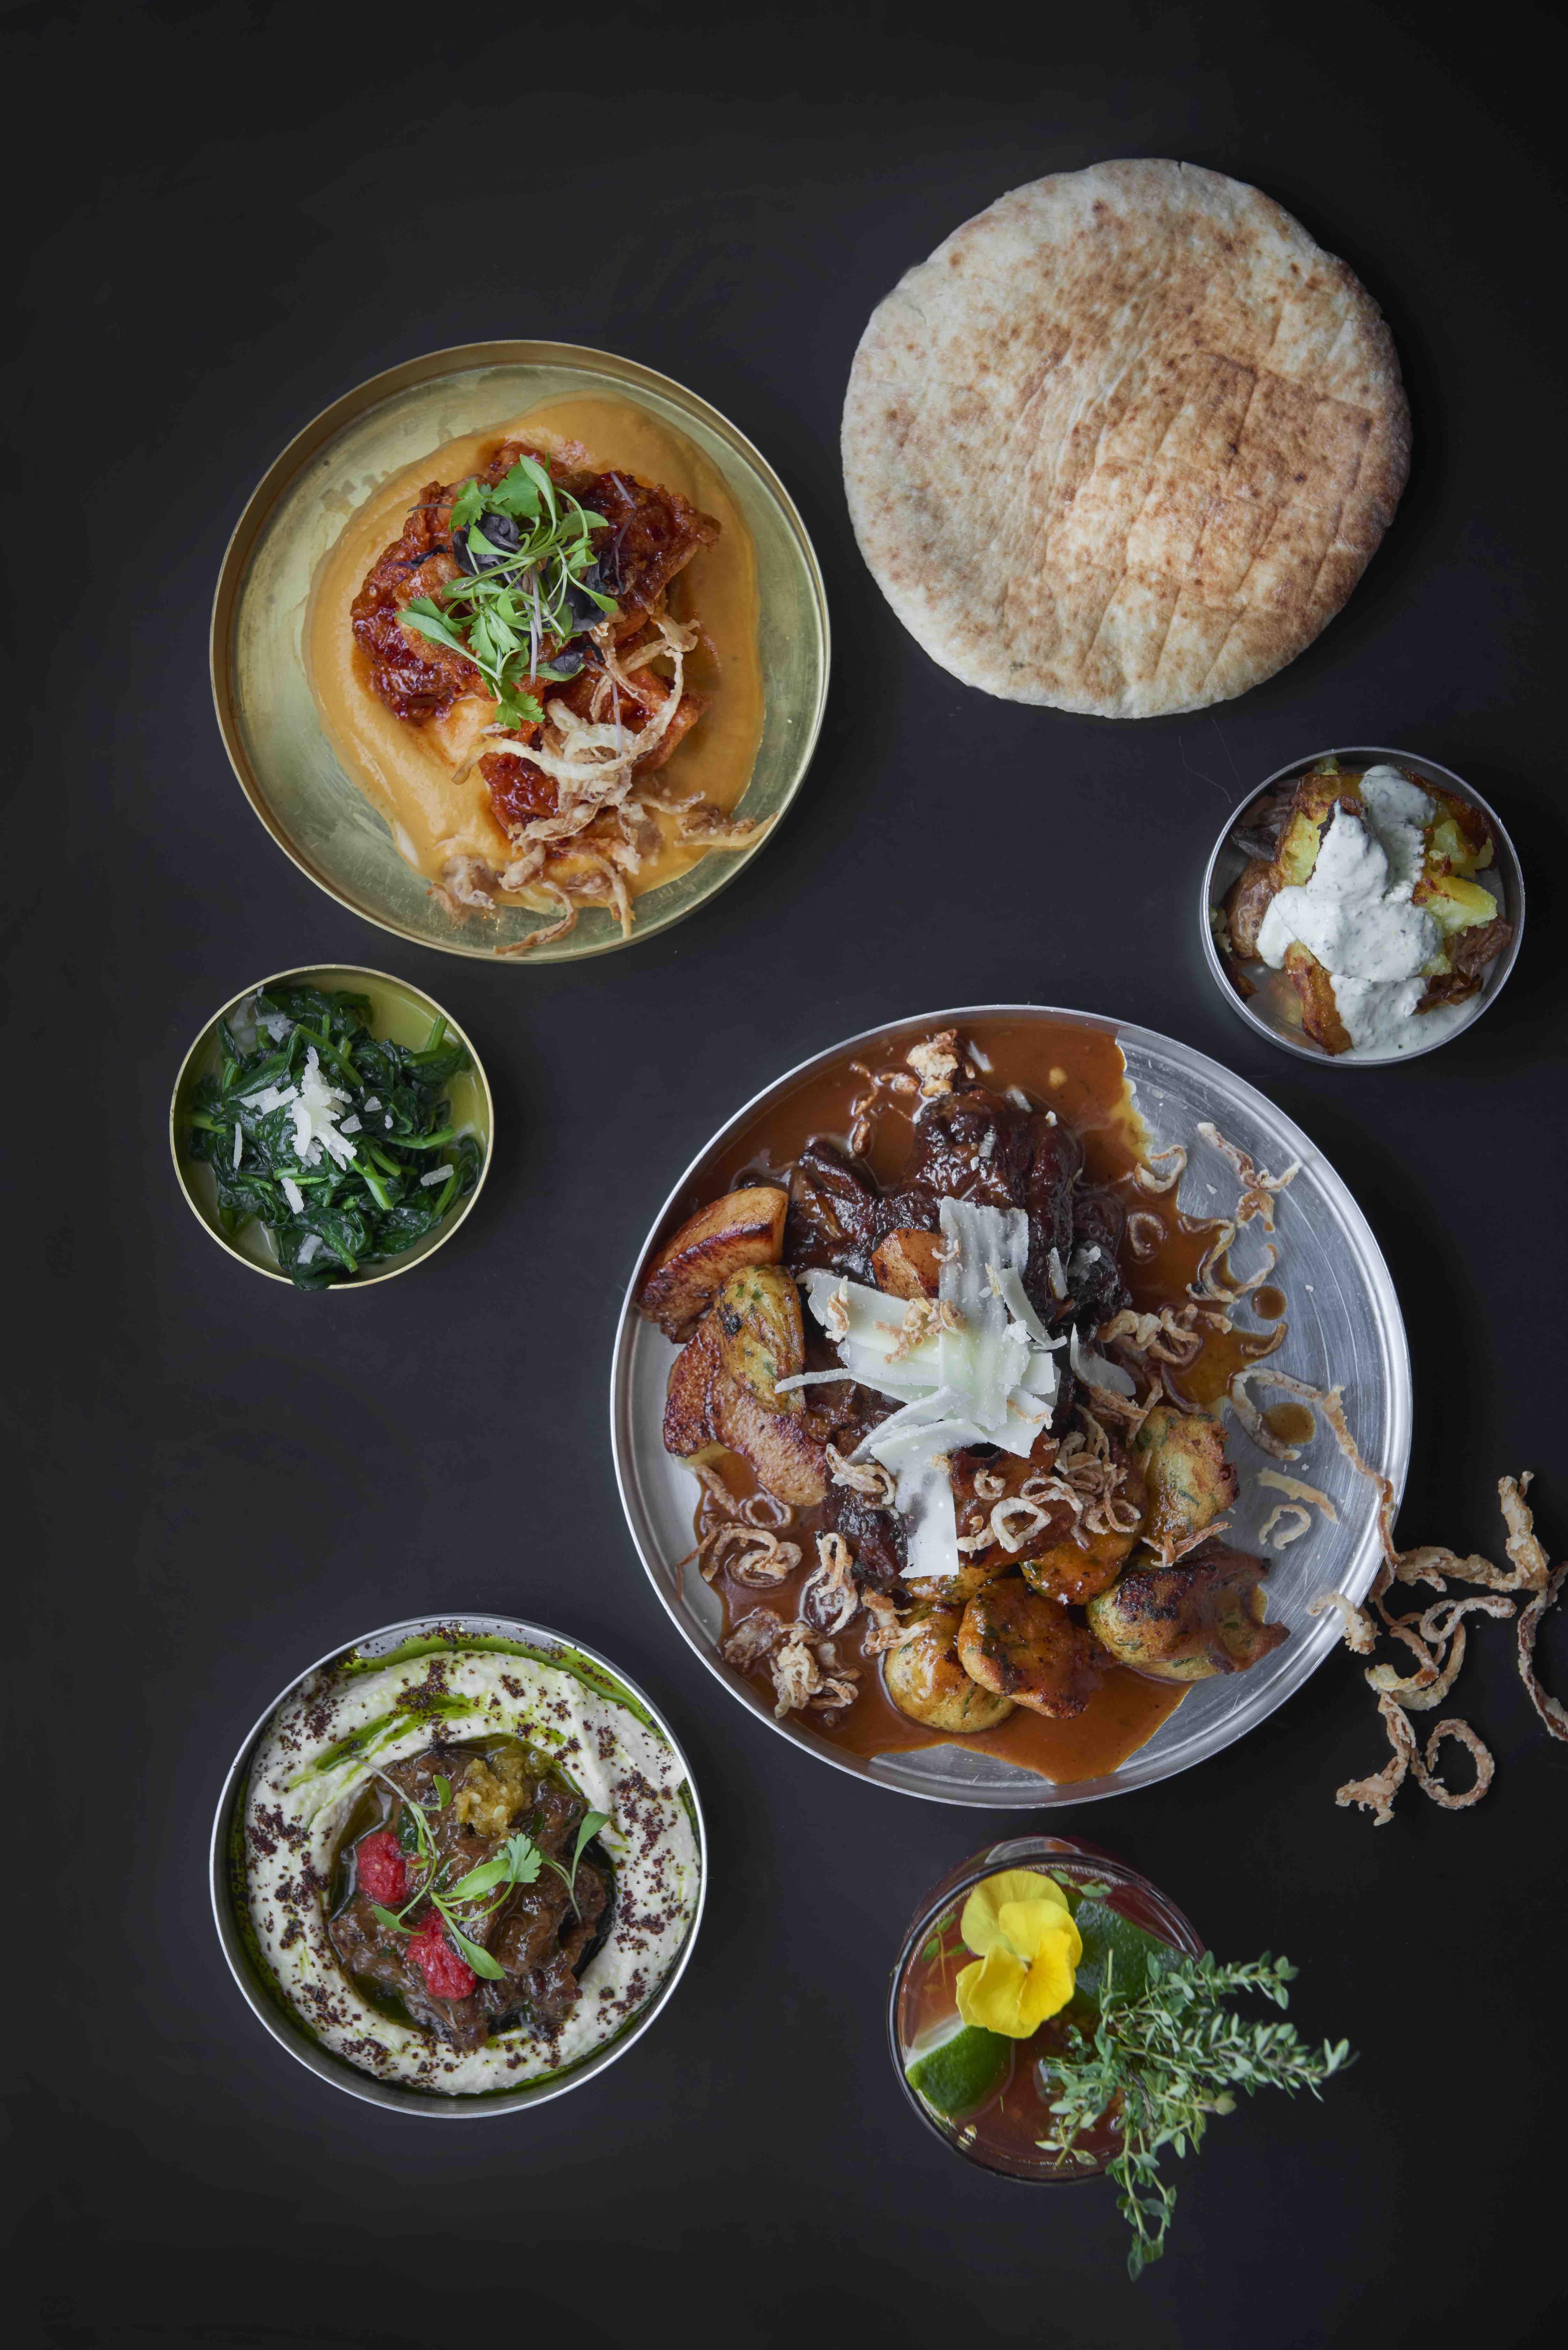 BALABAYA_Mix 1 - Chicken, Swiss Chard, Crushed Potatoes, Lamb Neck, Hummus with Ox Tail